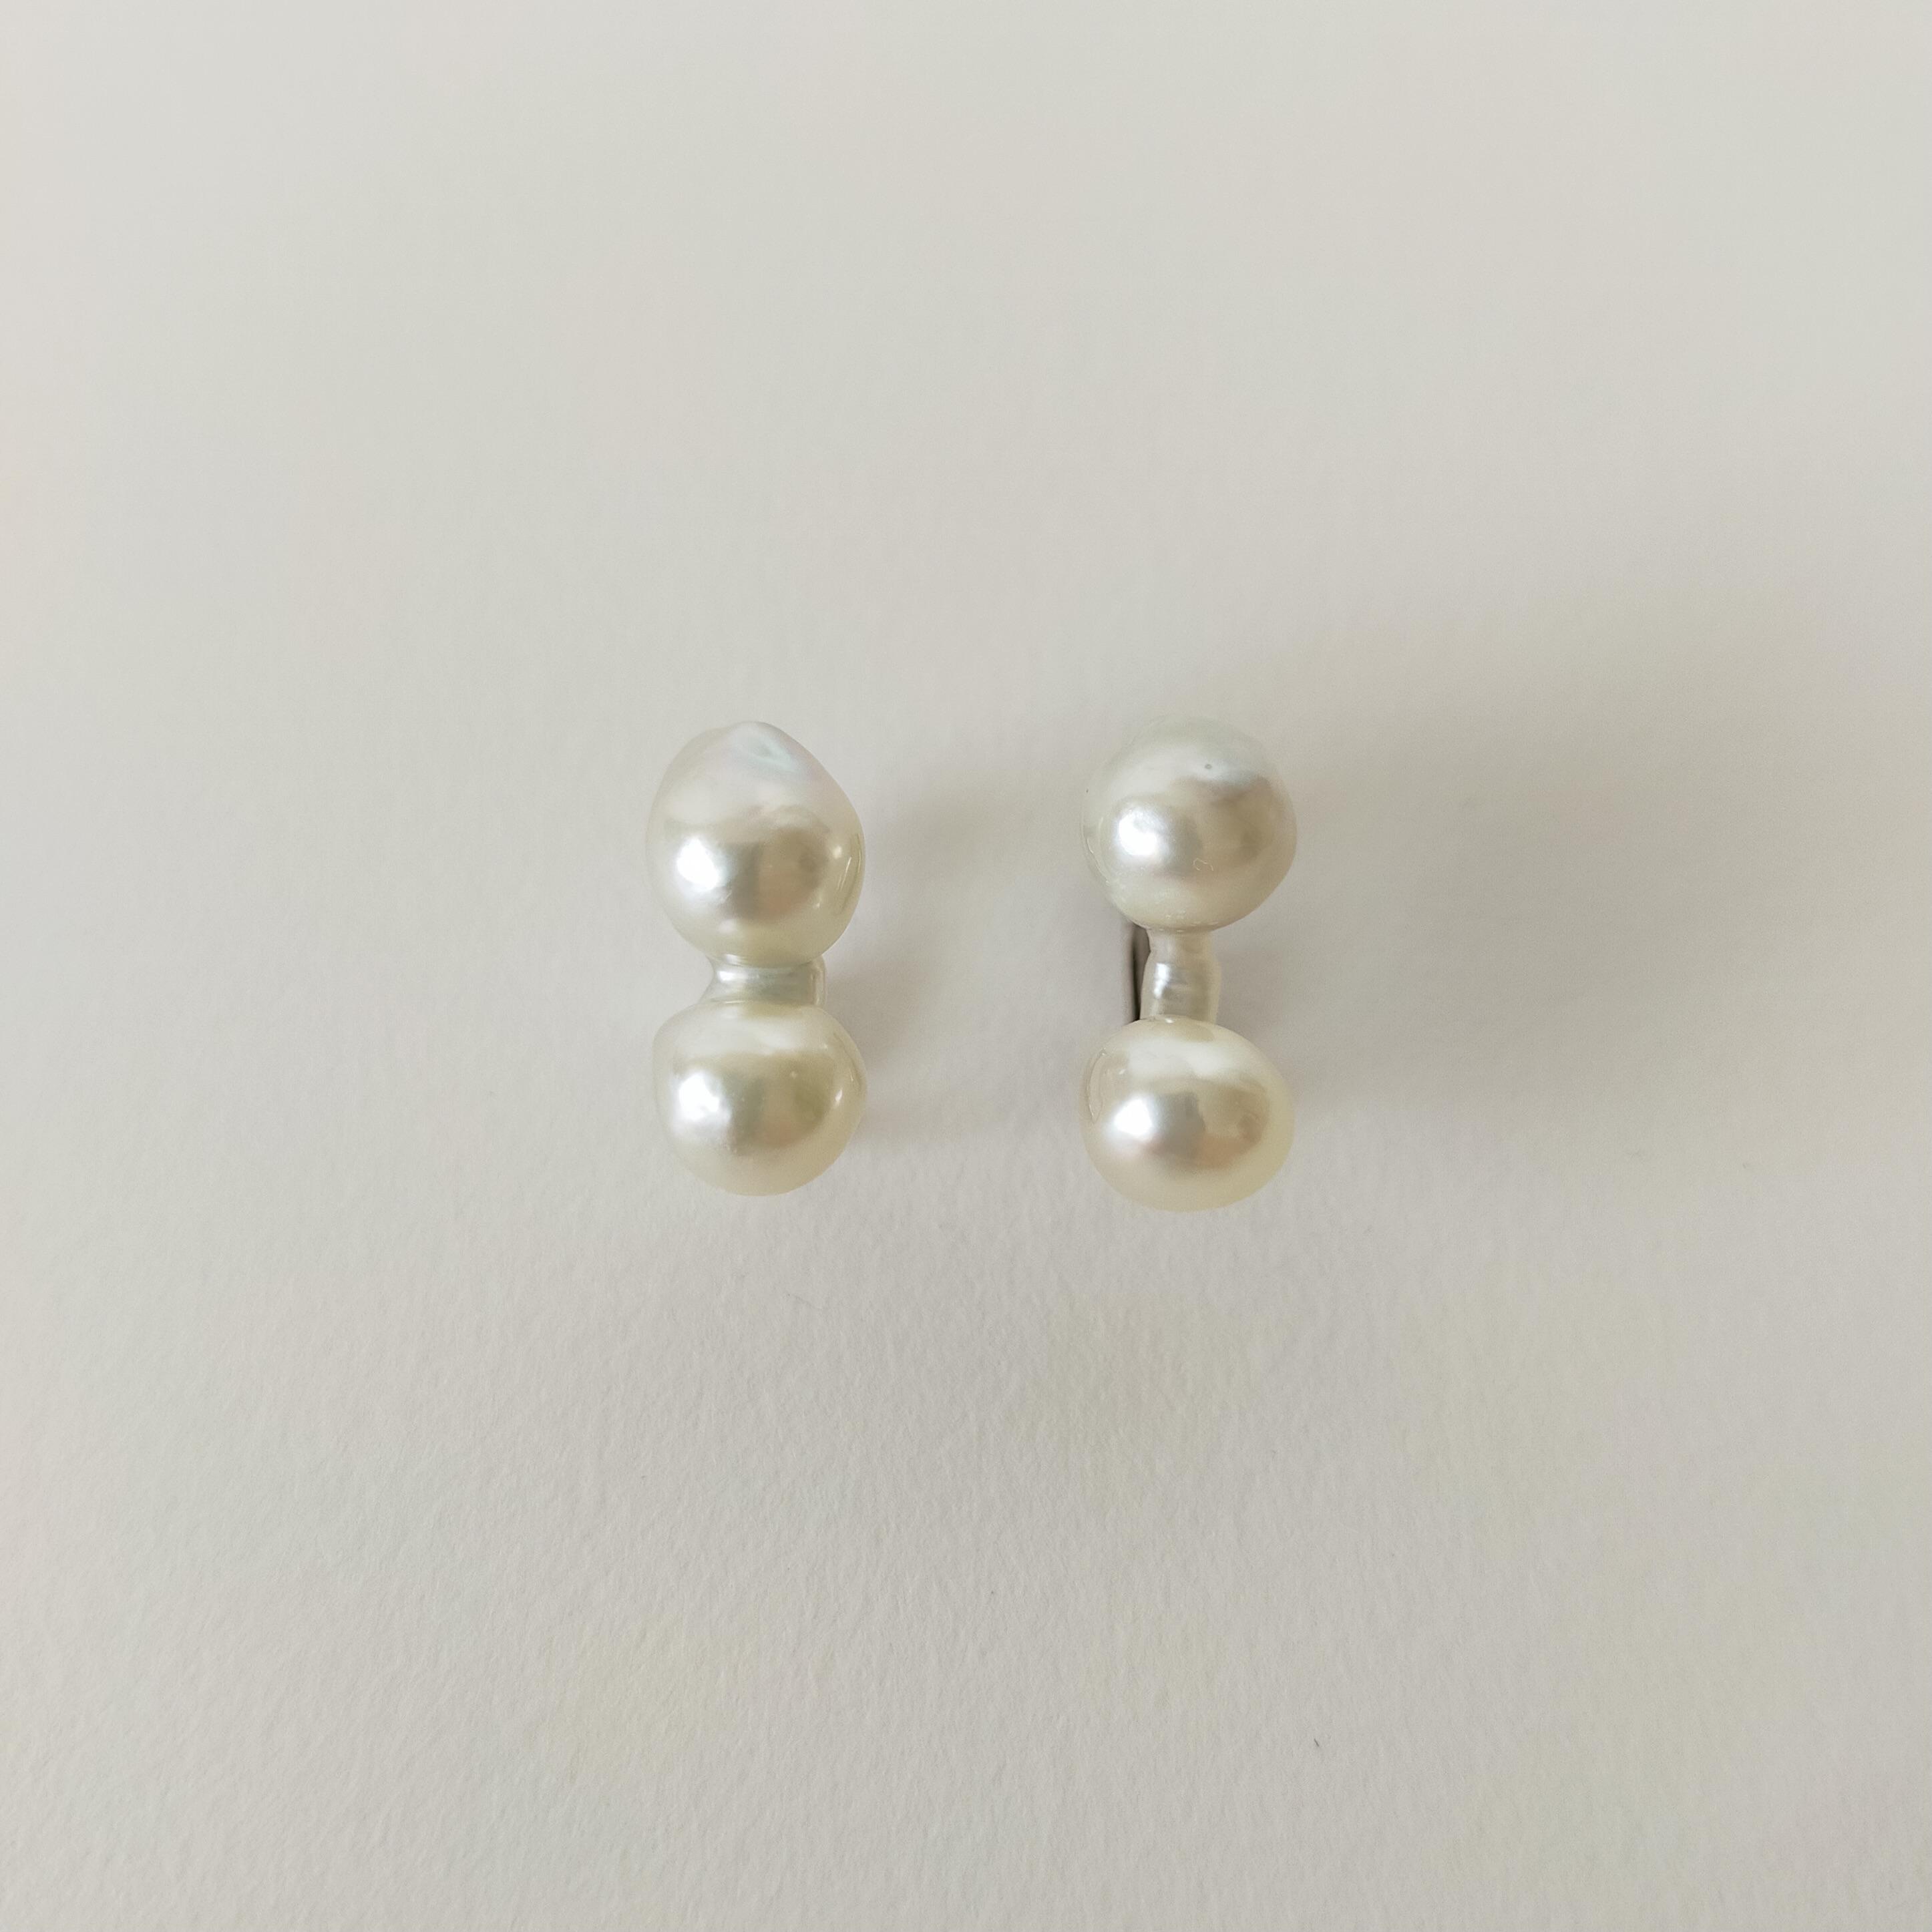 あこや真珠 偶然にできた形『ブリッジパール』